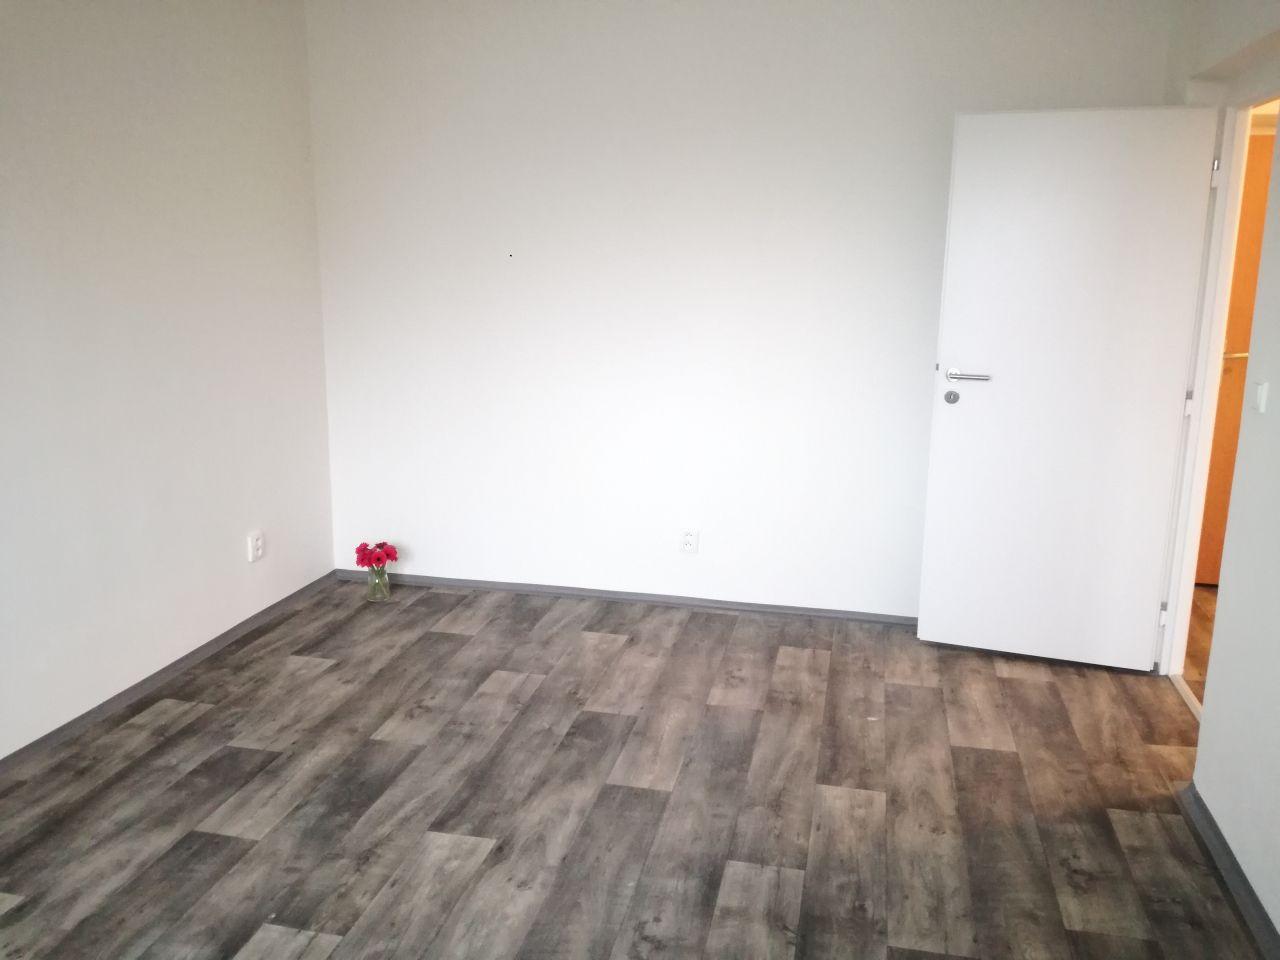 Pronájem bytu 1+1 36 m2, ul. Volgogradská 2486/95, Ostrava - Zábřeh